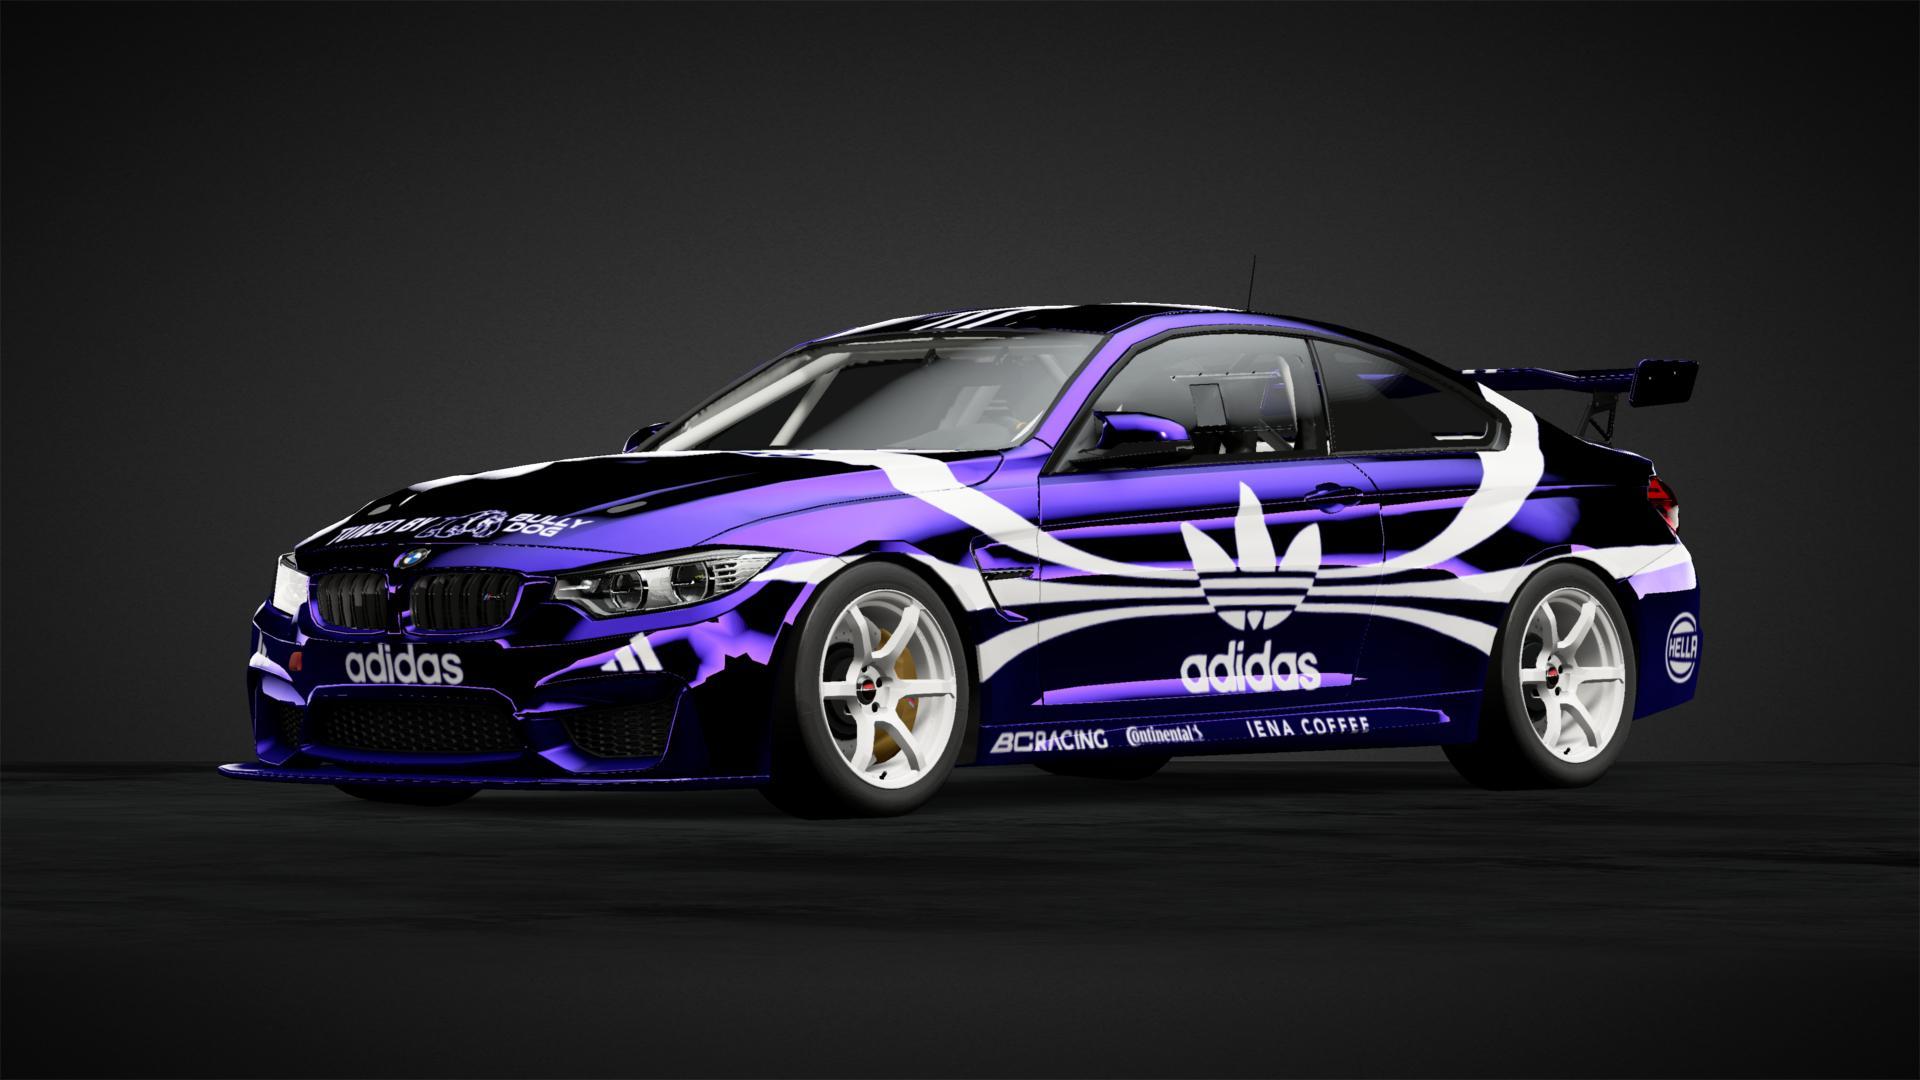 BMW M4 Adidas